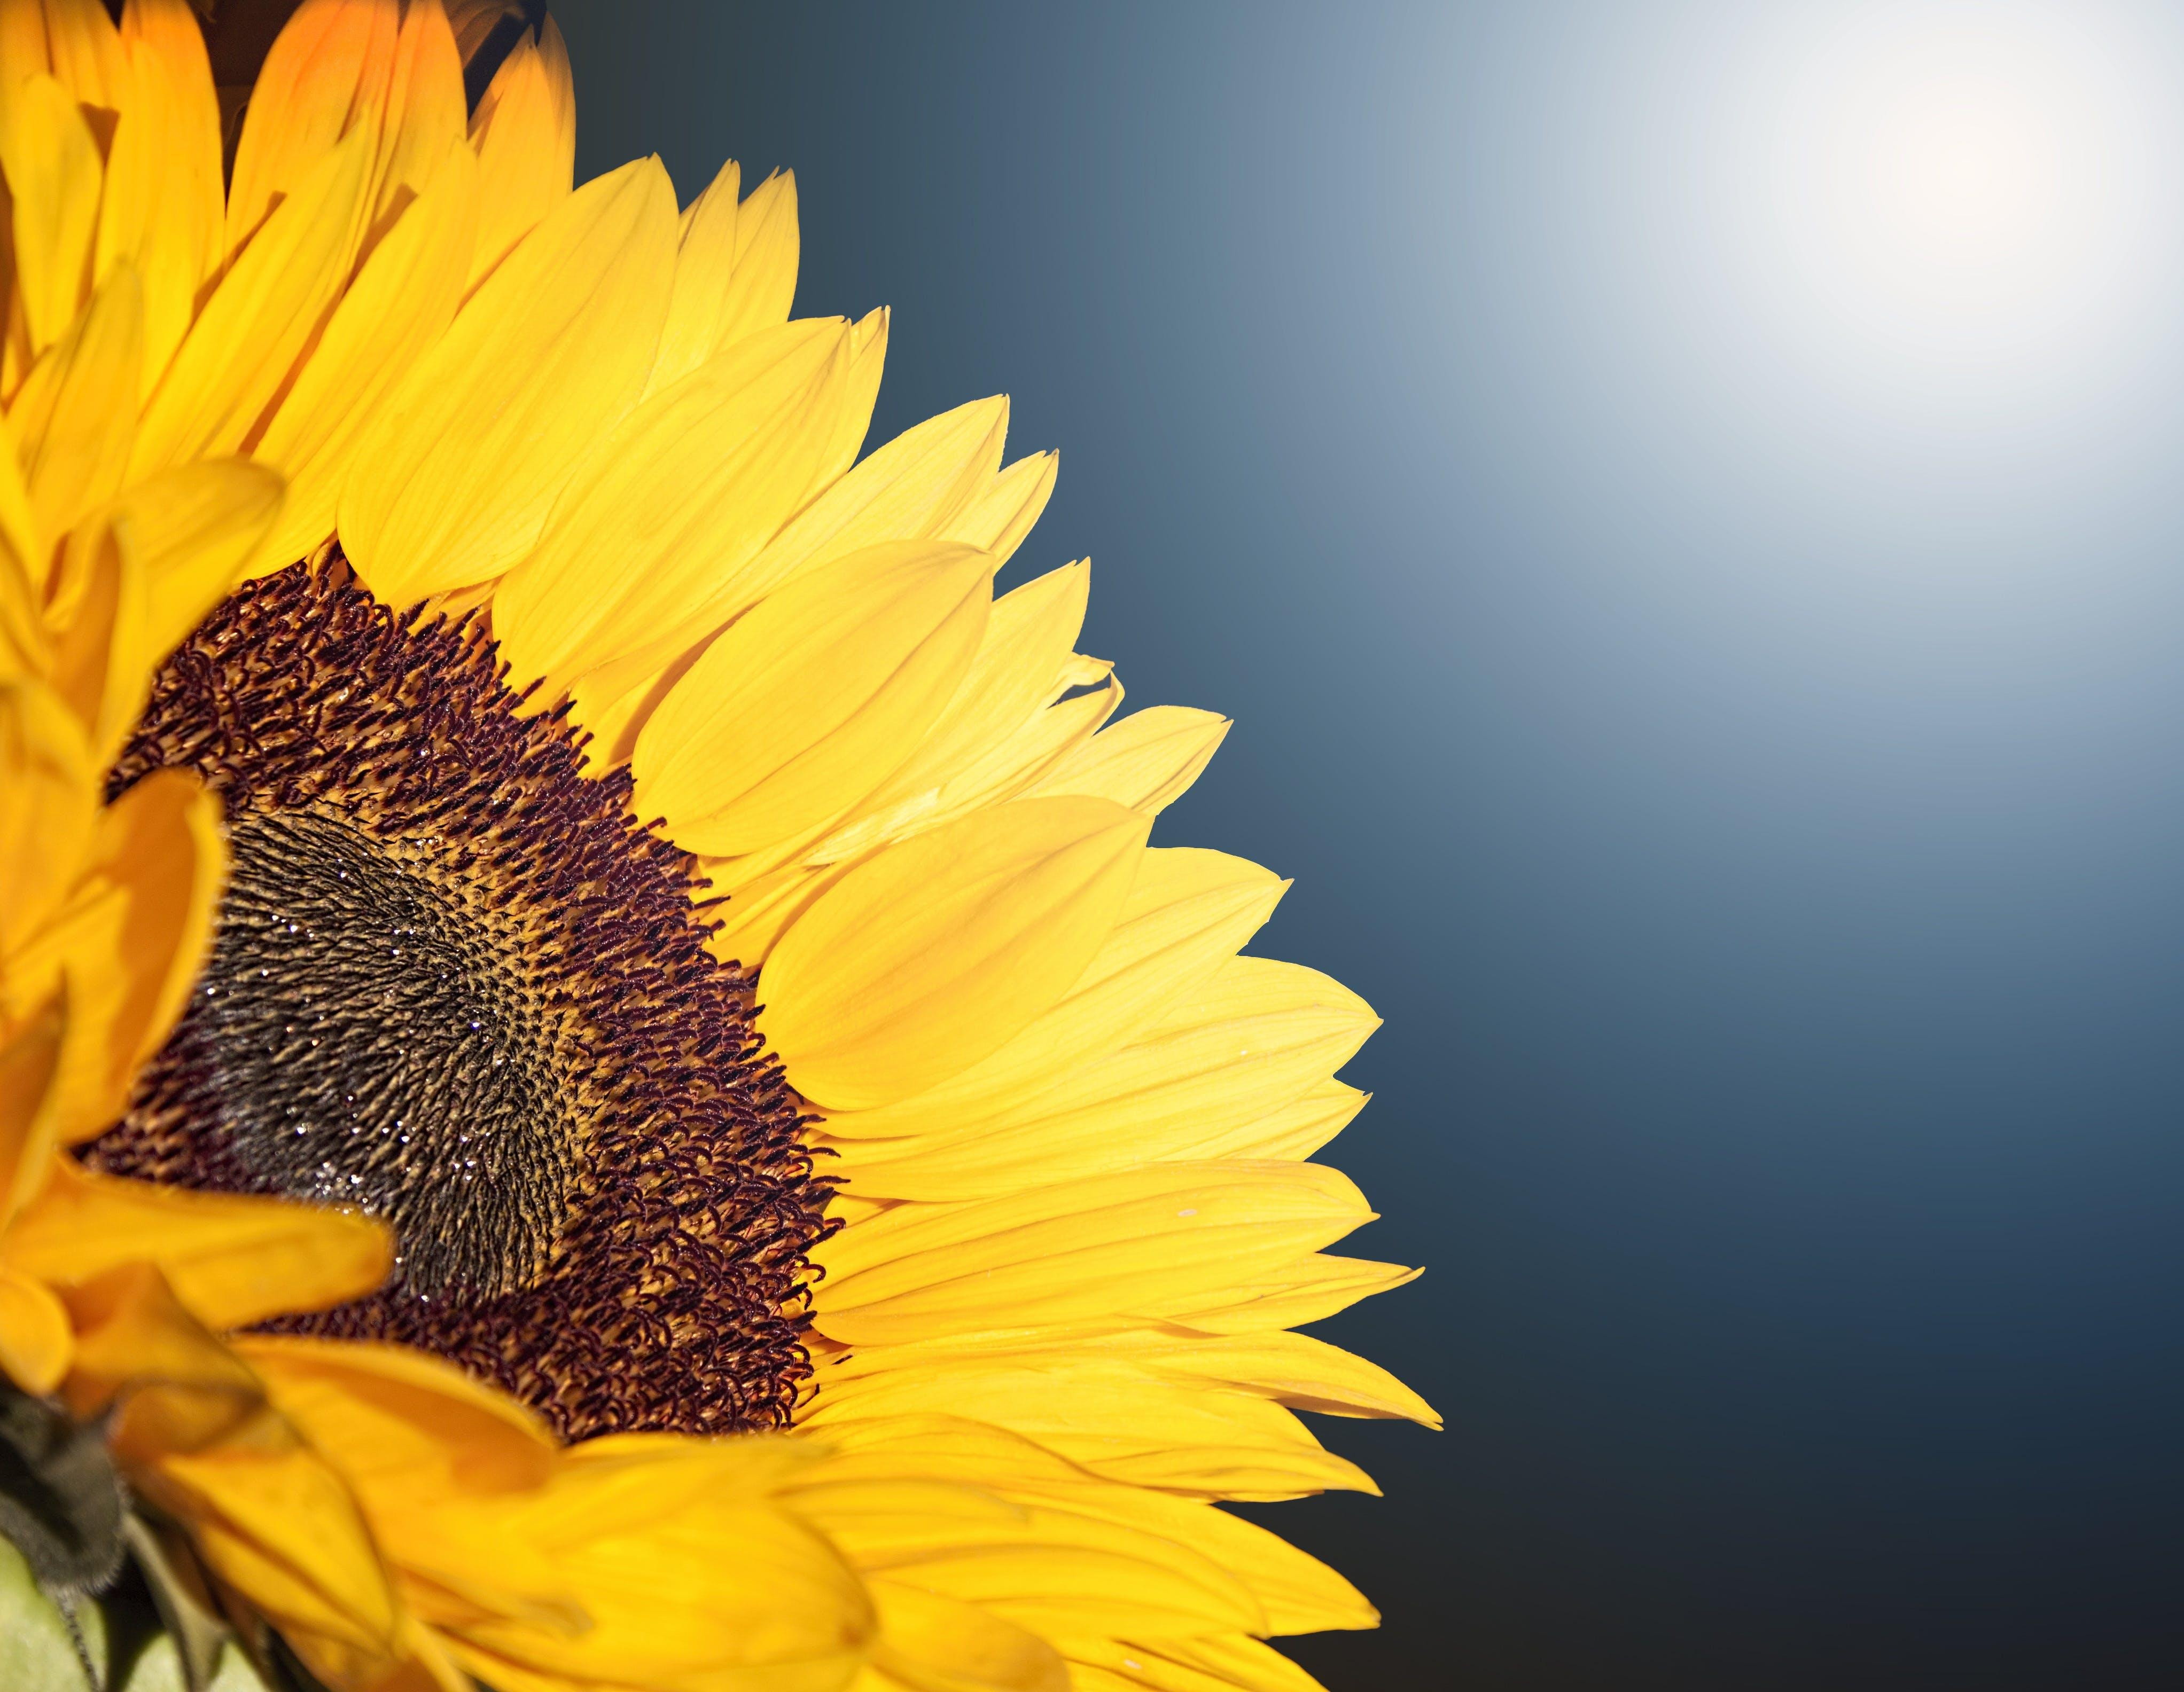 คลังภาพถ่ายฟรี ของ กลีบดอก, ธรรมชาติ, พฤกษา, วอลล์เปเปอร์ HD